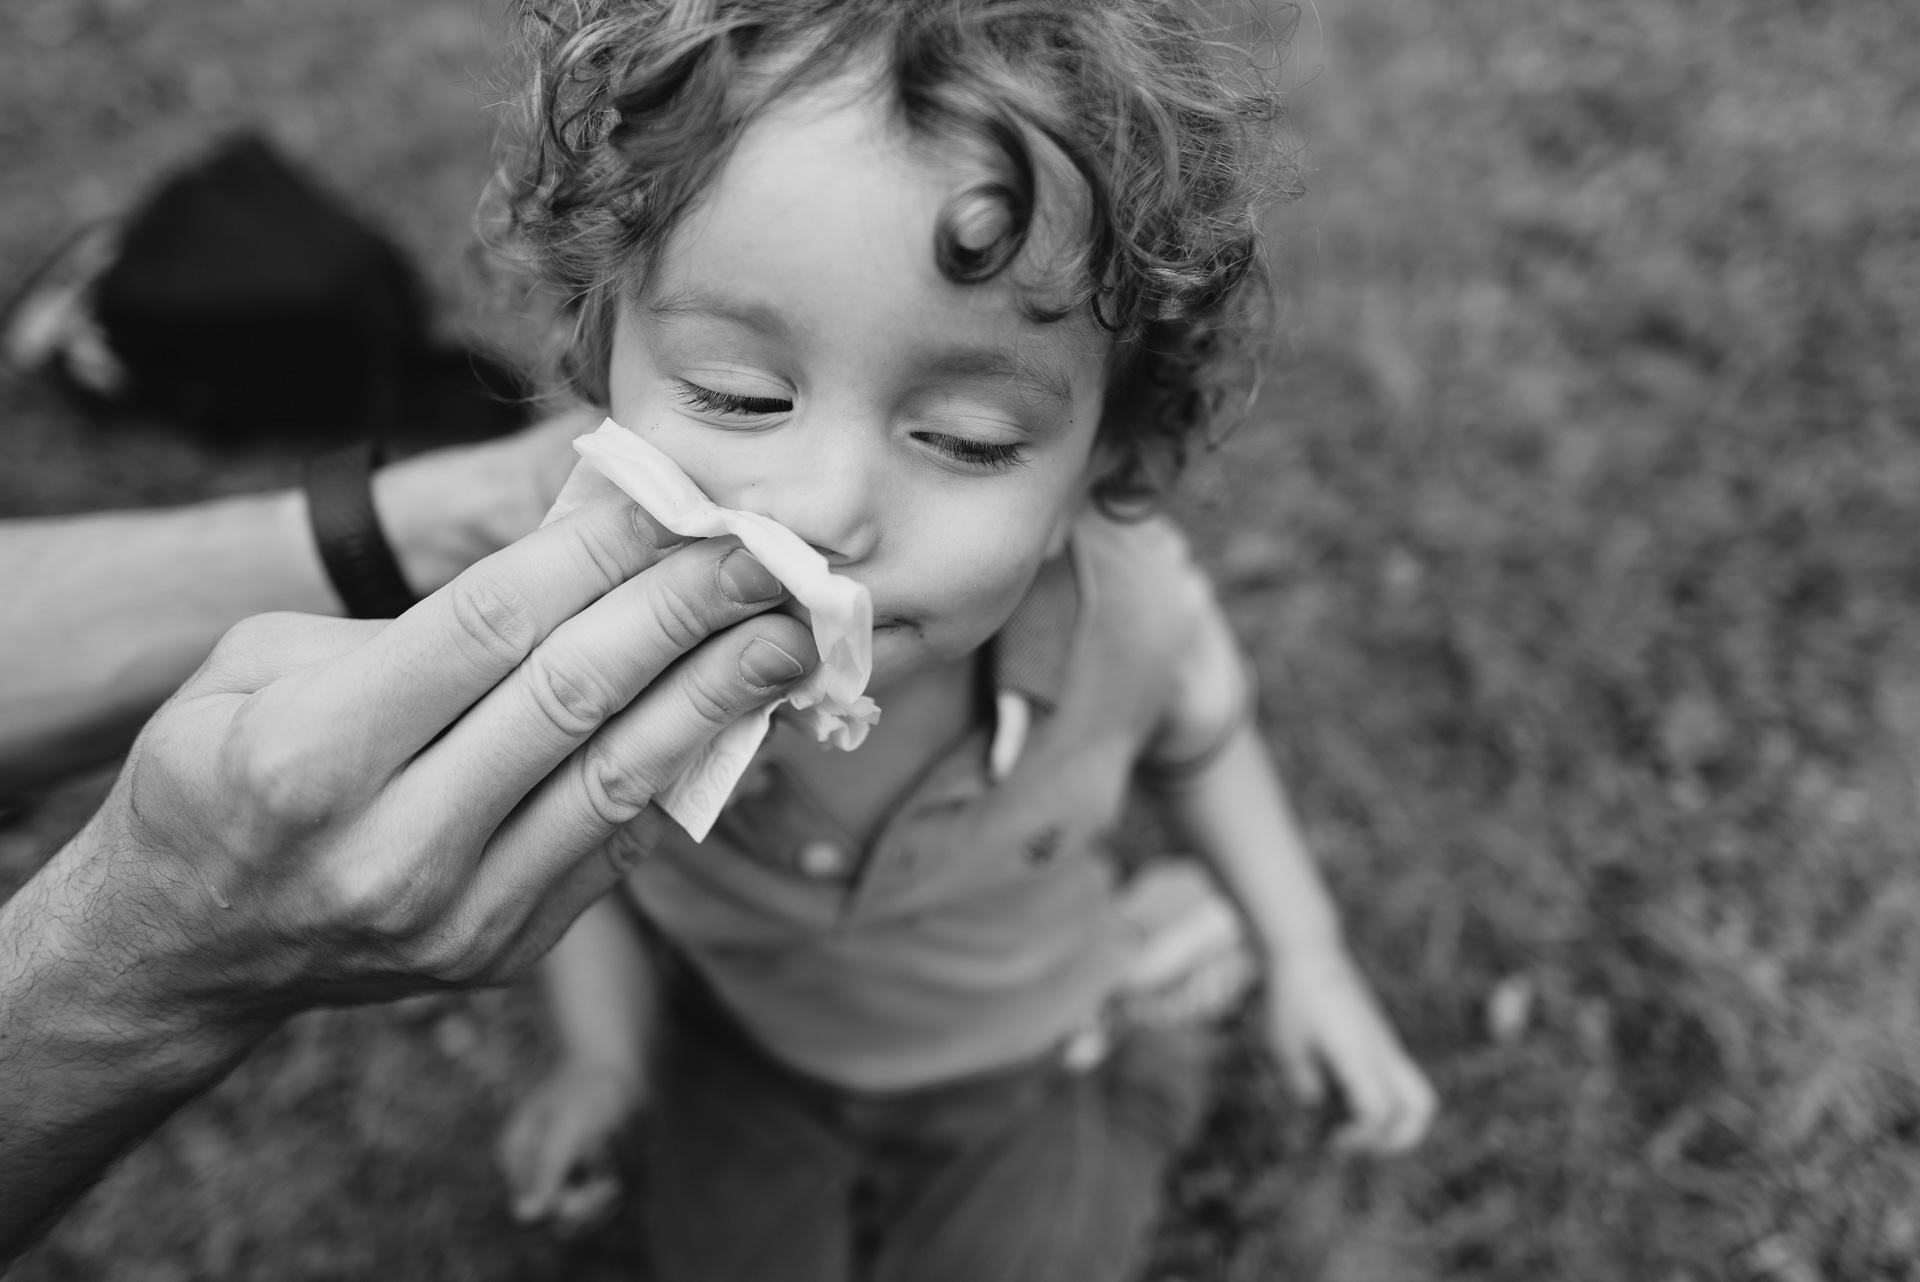 photographe famille enfant paris Yvelines bébé Sandrine Siryani Chatou reportage